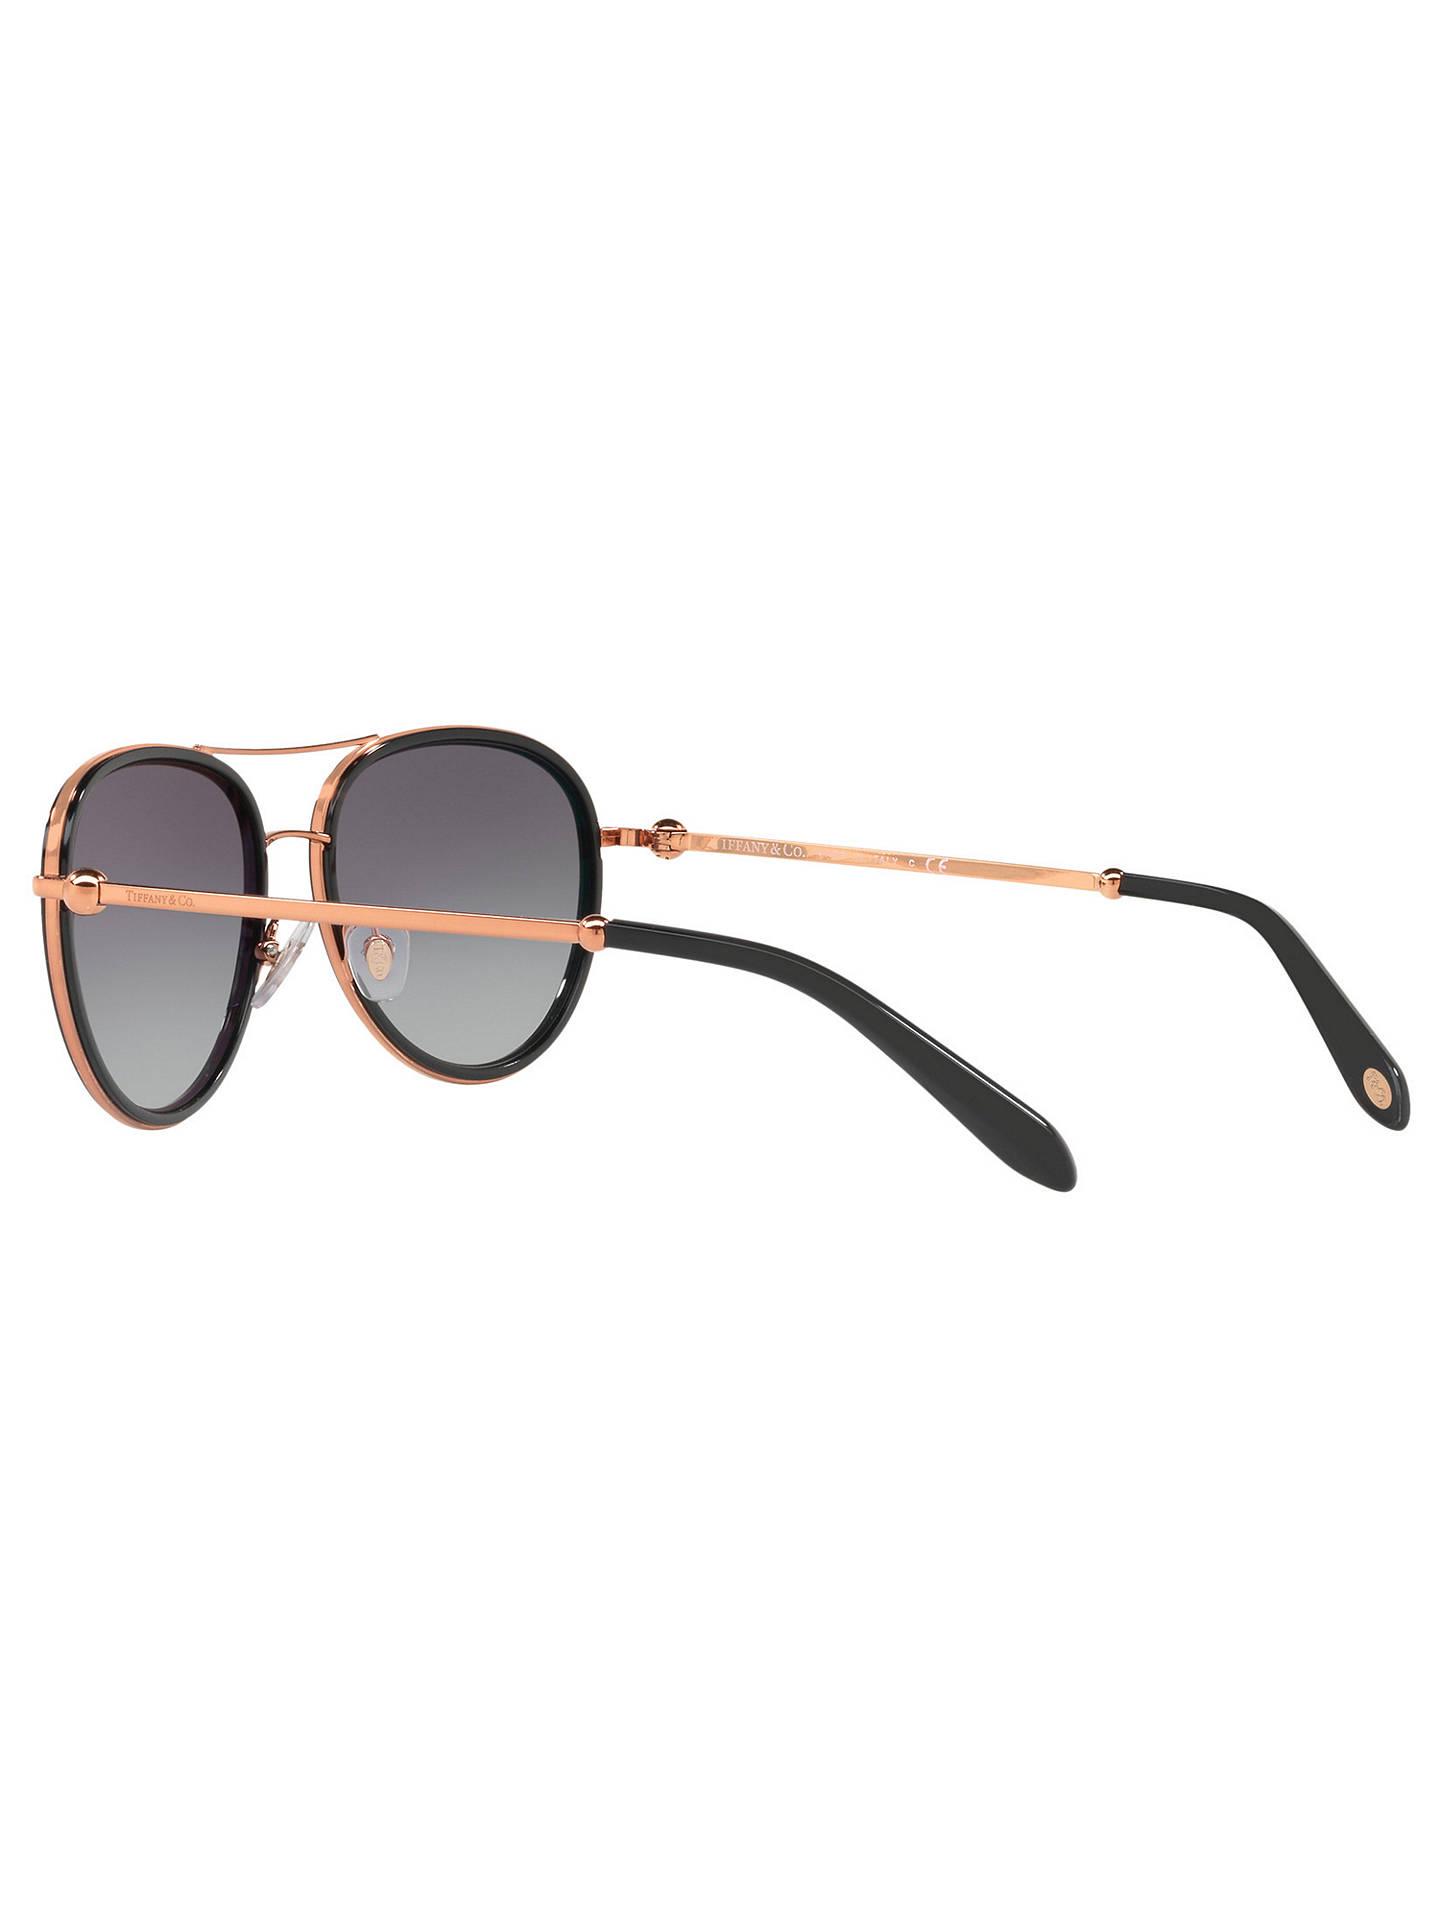 41c04d416810 ... Buy Tiffany   Co TF3059 Women s Aviator Sunglasses